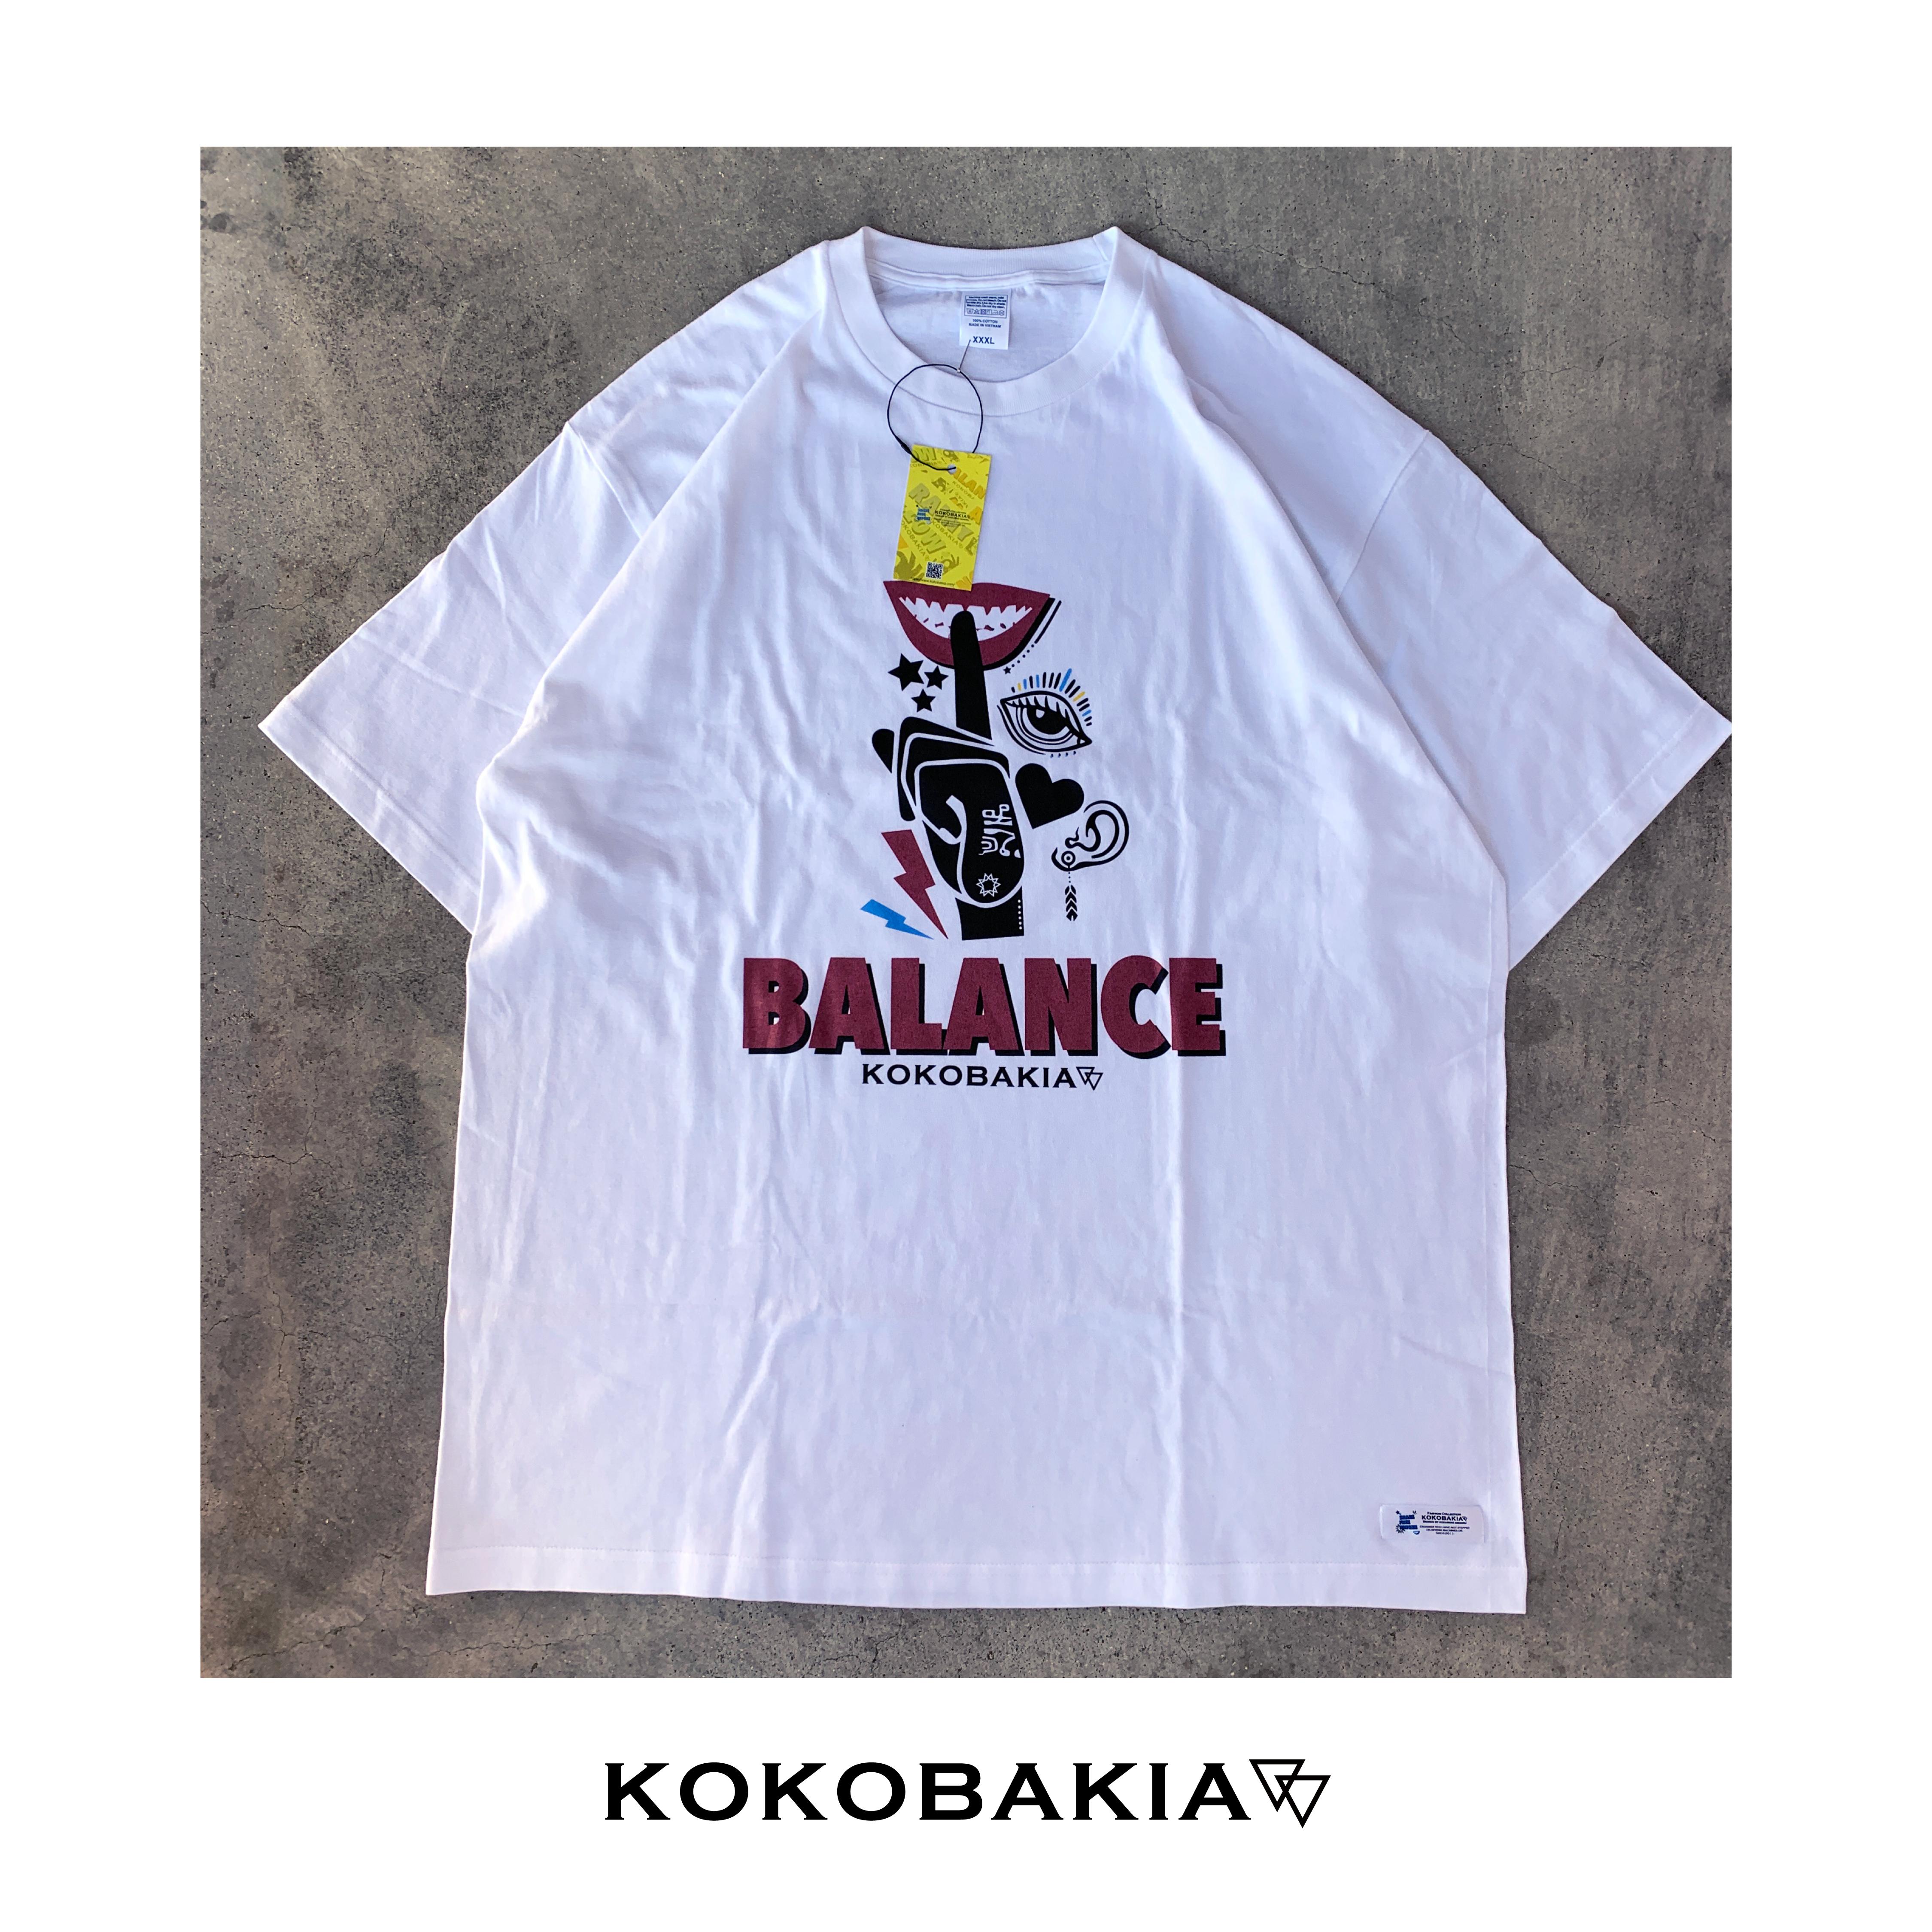 半袖Tシャツ BALANCE【バランス】 ホワイト メンズ レディース かわいい イラスト ロゴ デザイン #ロックファッション #ストリートファッション